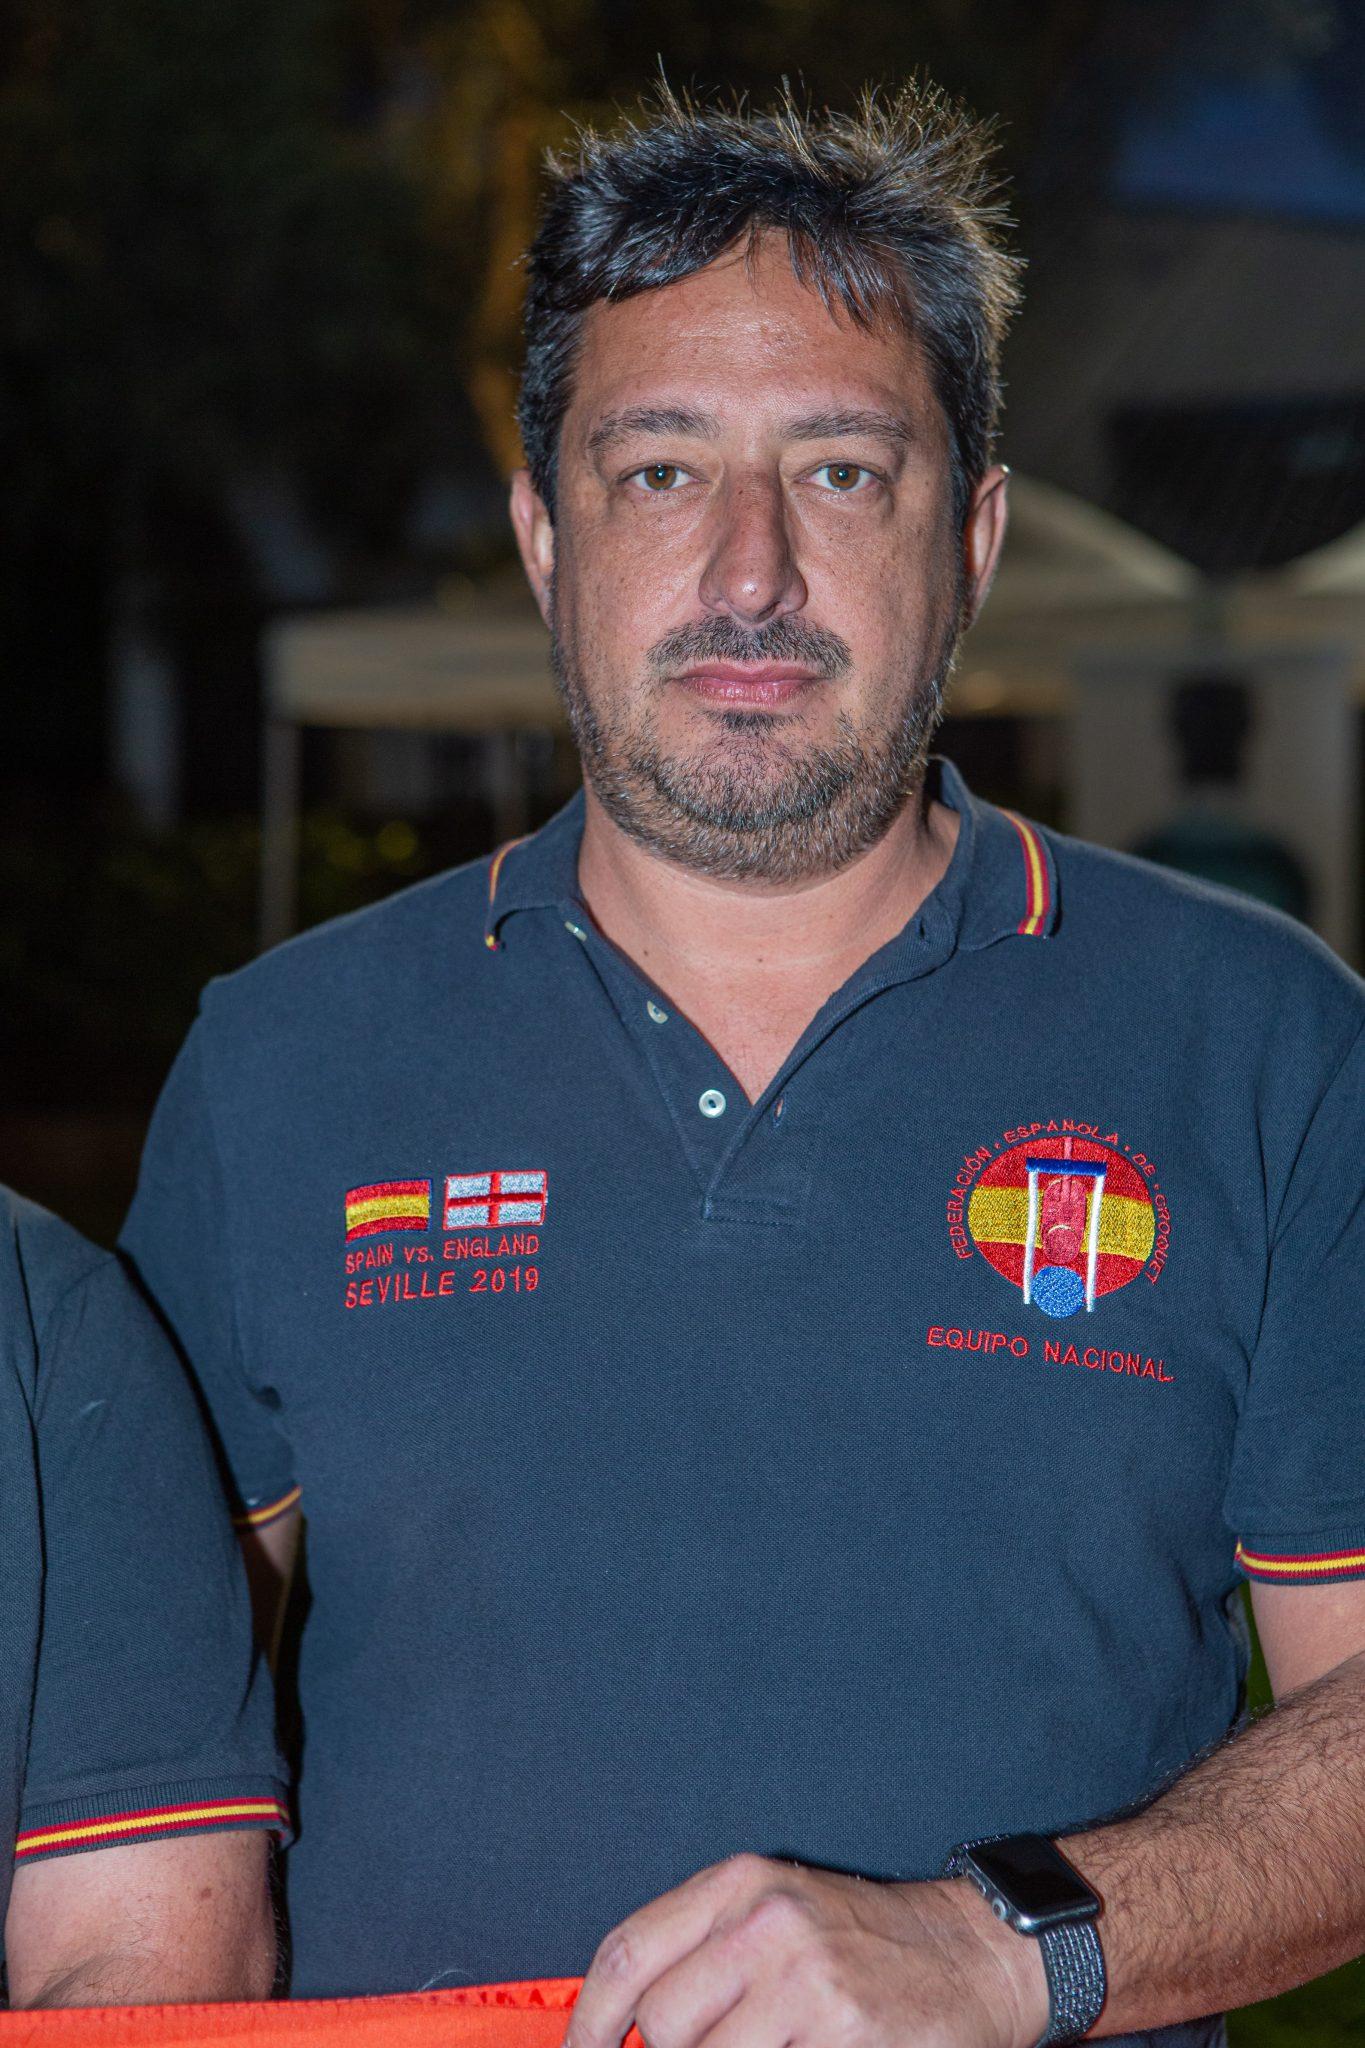 III Campeonato del Mundo de Croquet por Países - Real Novo Sancti Petri 150